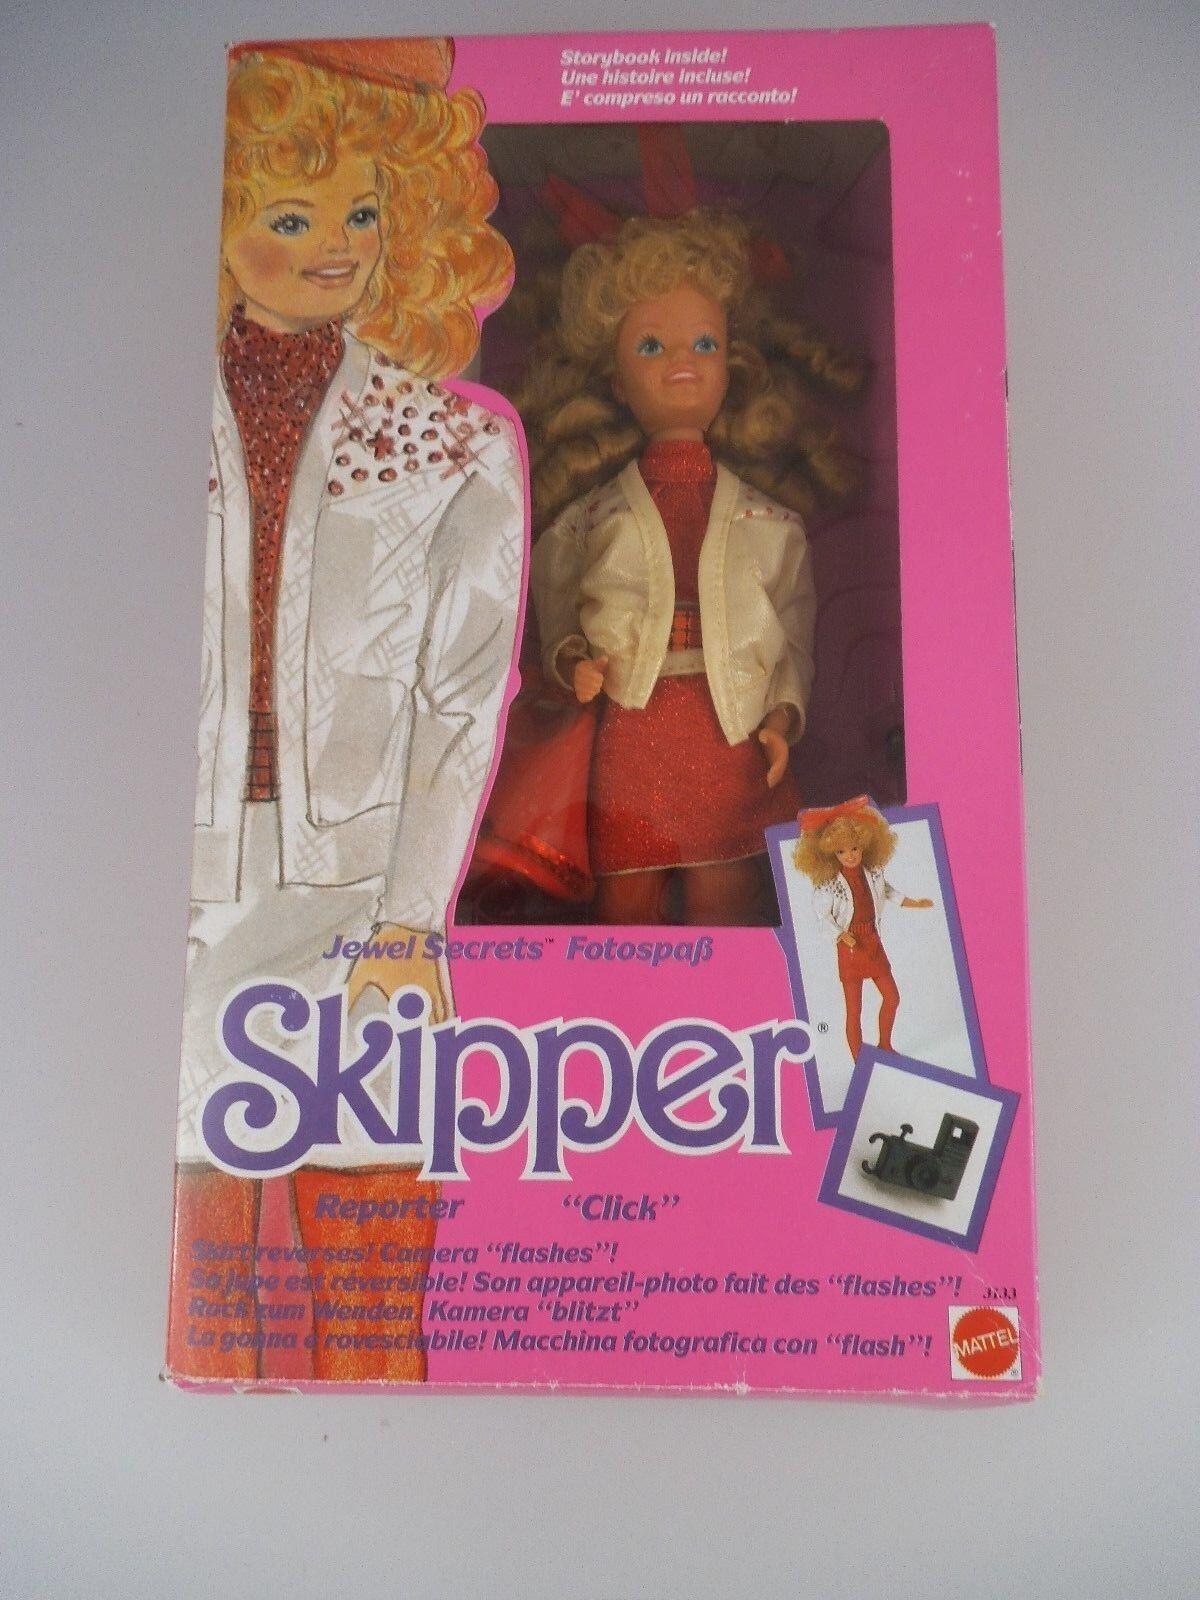 Barbie 3133 Jewel Secrets Skipper mattel 1986 (1958)